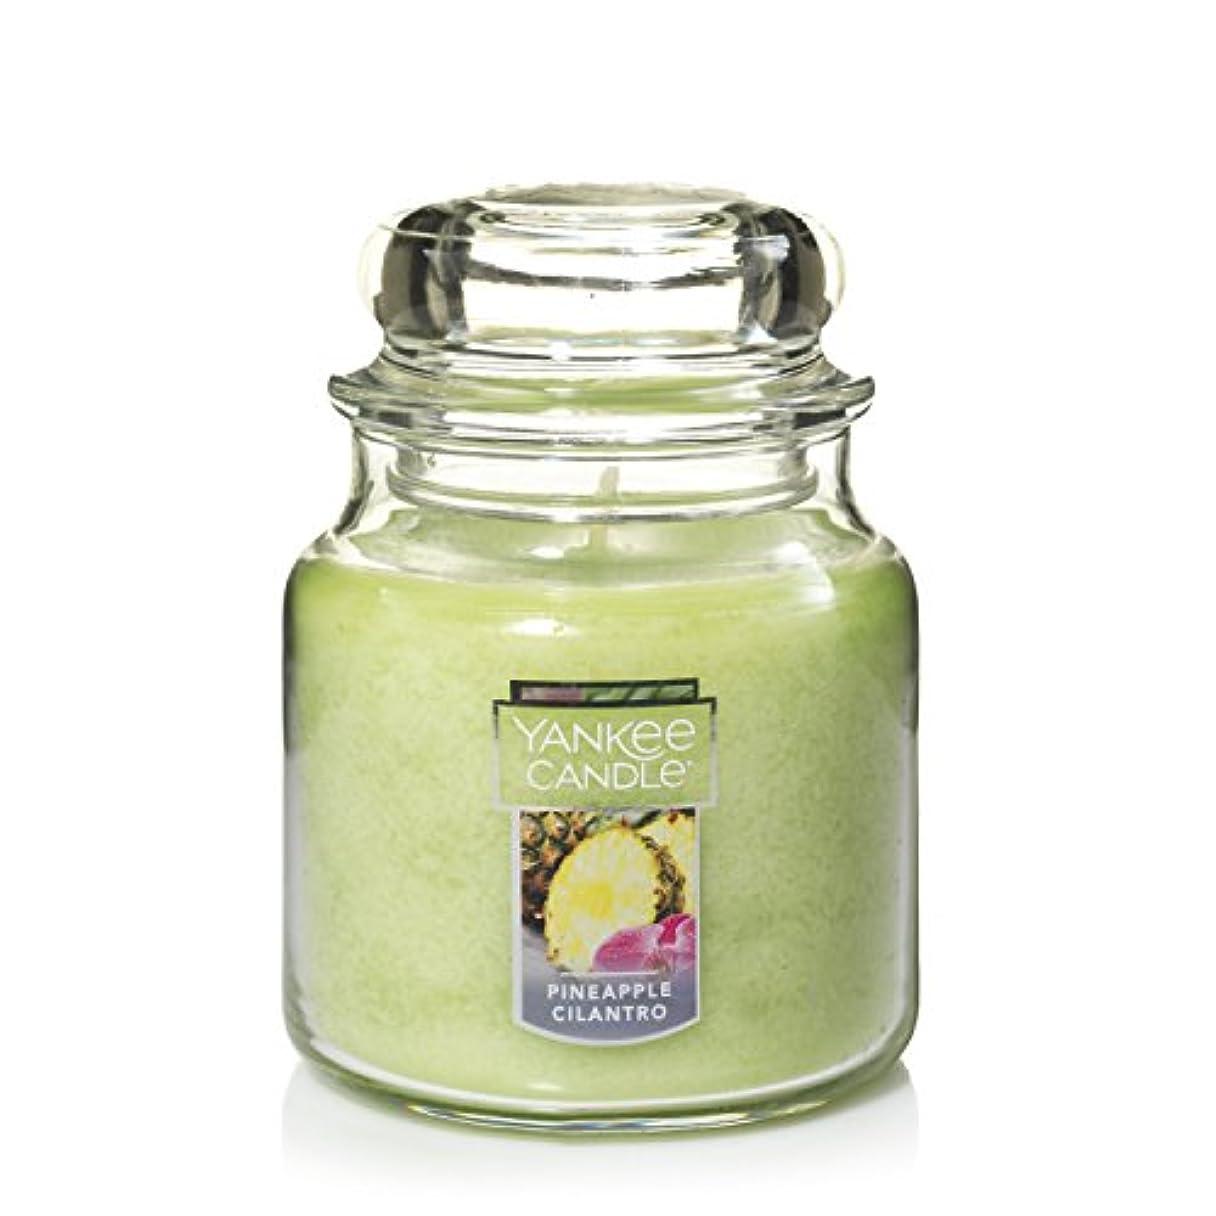 味方お香羨望Yankee Candle ビンキャンドル パイナップル シラントロ Medium Jar Candle 1174262Z